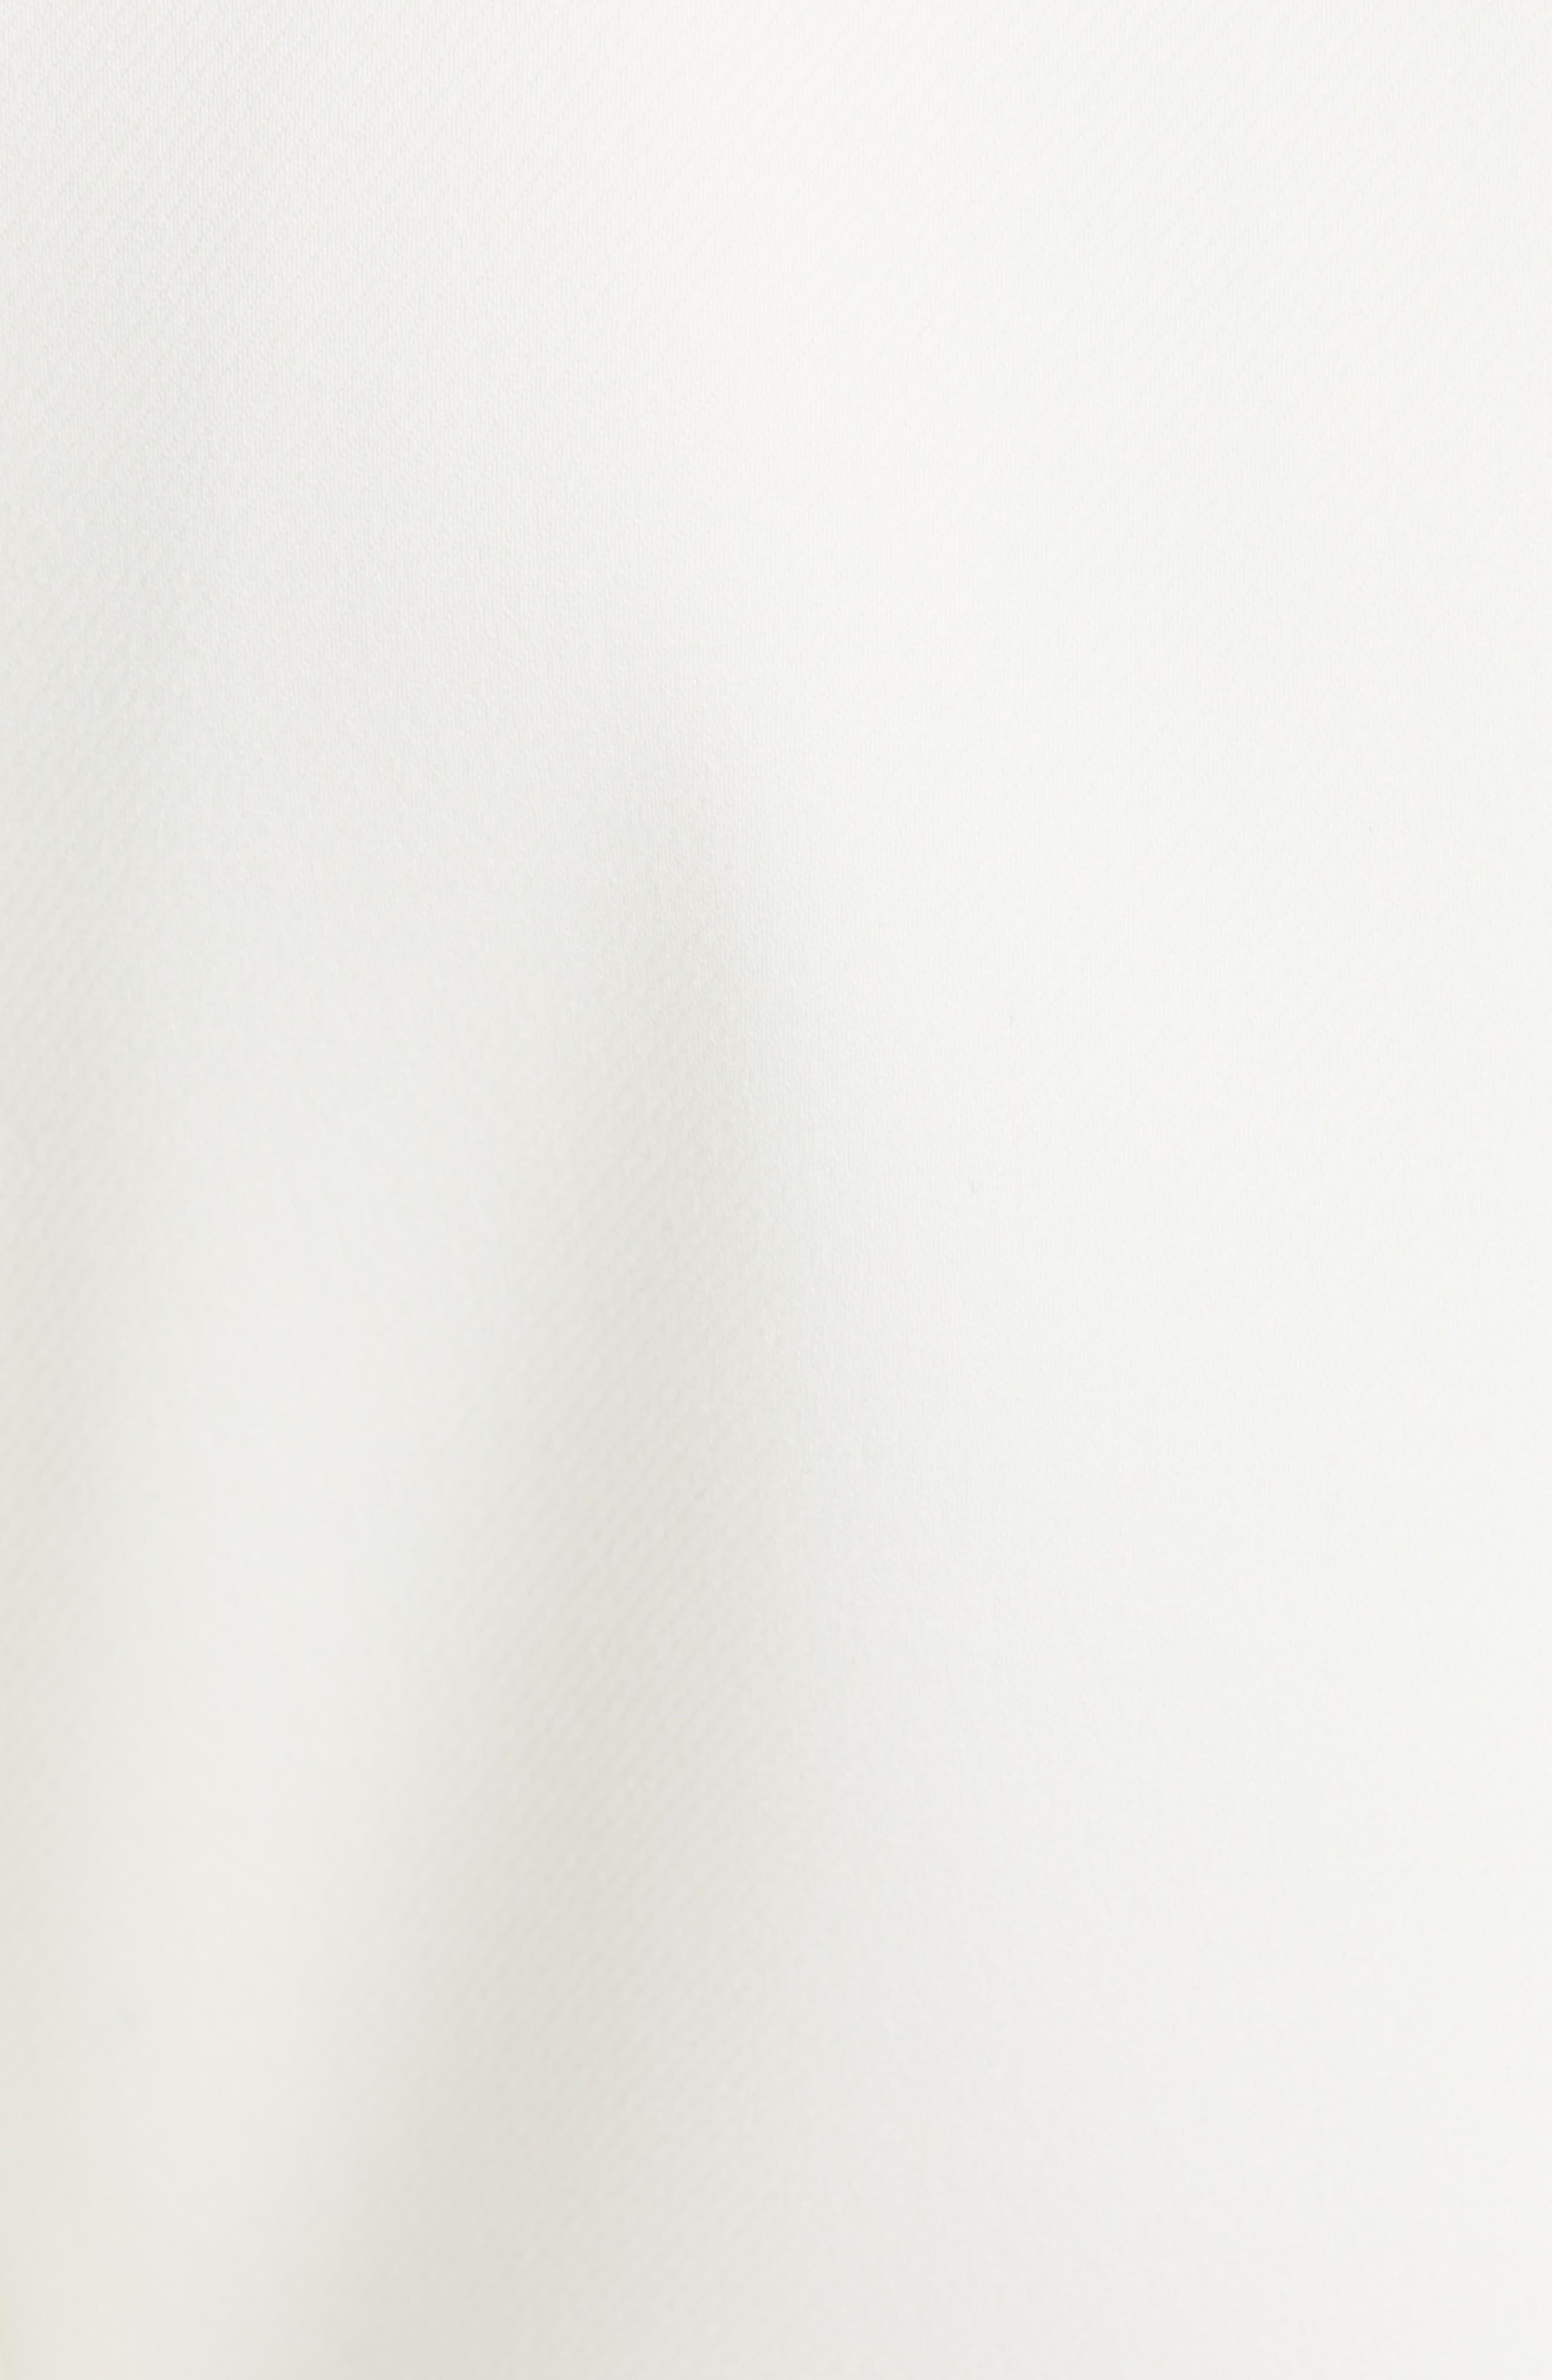 REISS,                             Aleida White Blazer,                             Alternate thumbnail 7, color,                             WHITE